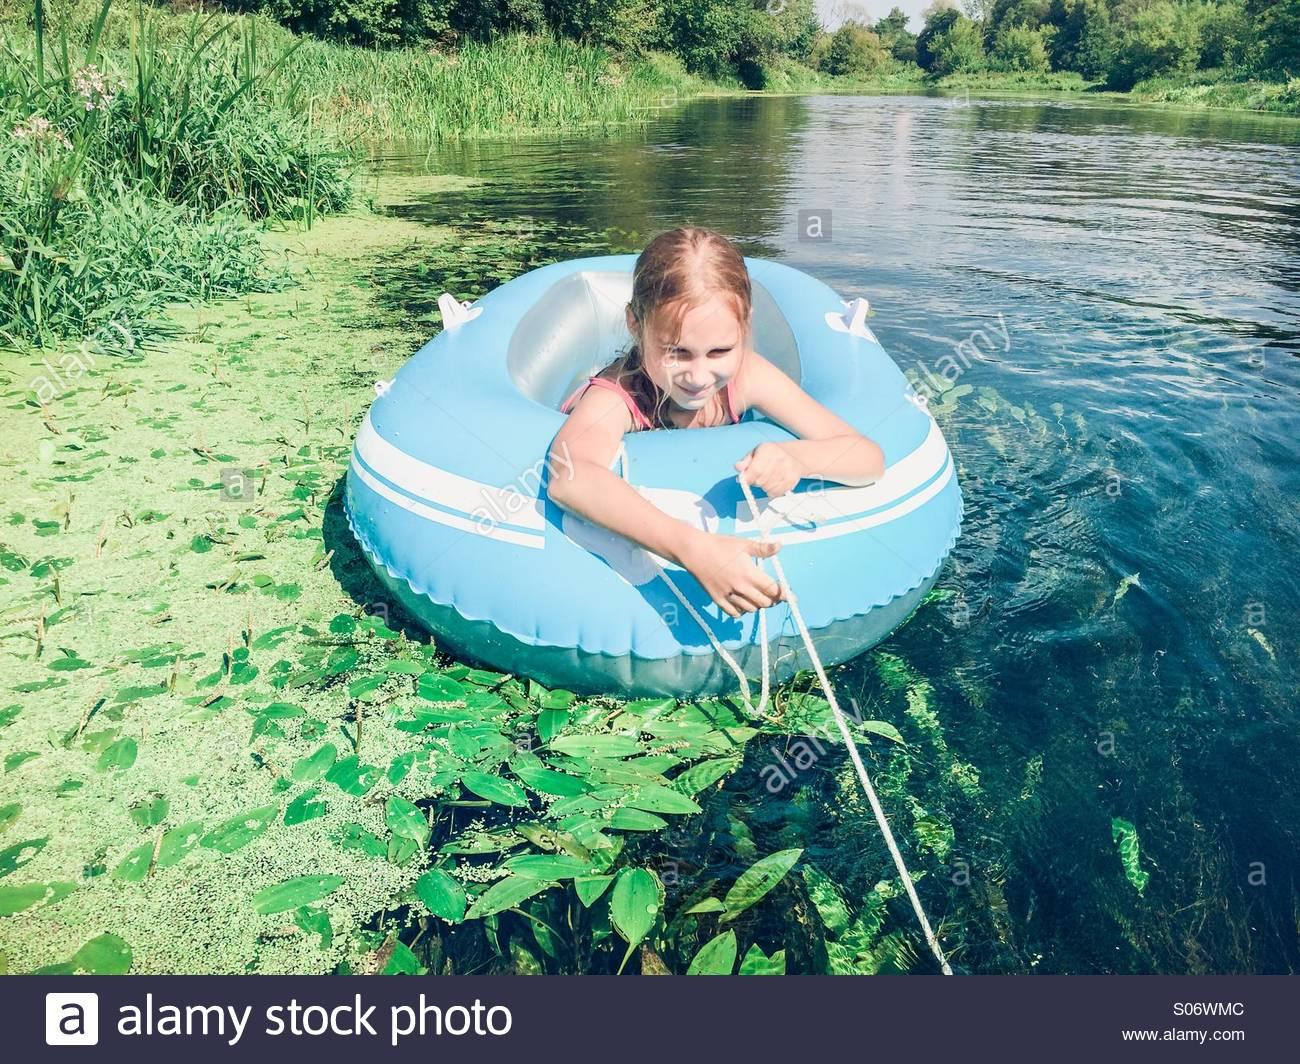 Kleines Mädchen sitzt in einem Floß auf einem reinen Fluss Stockbild